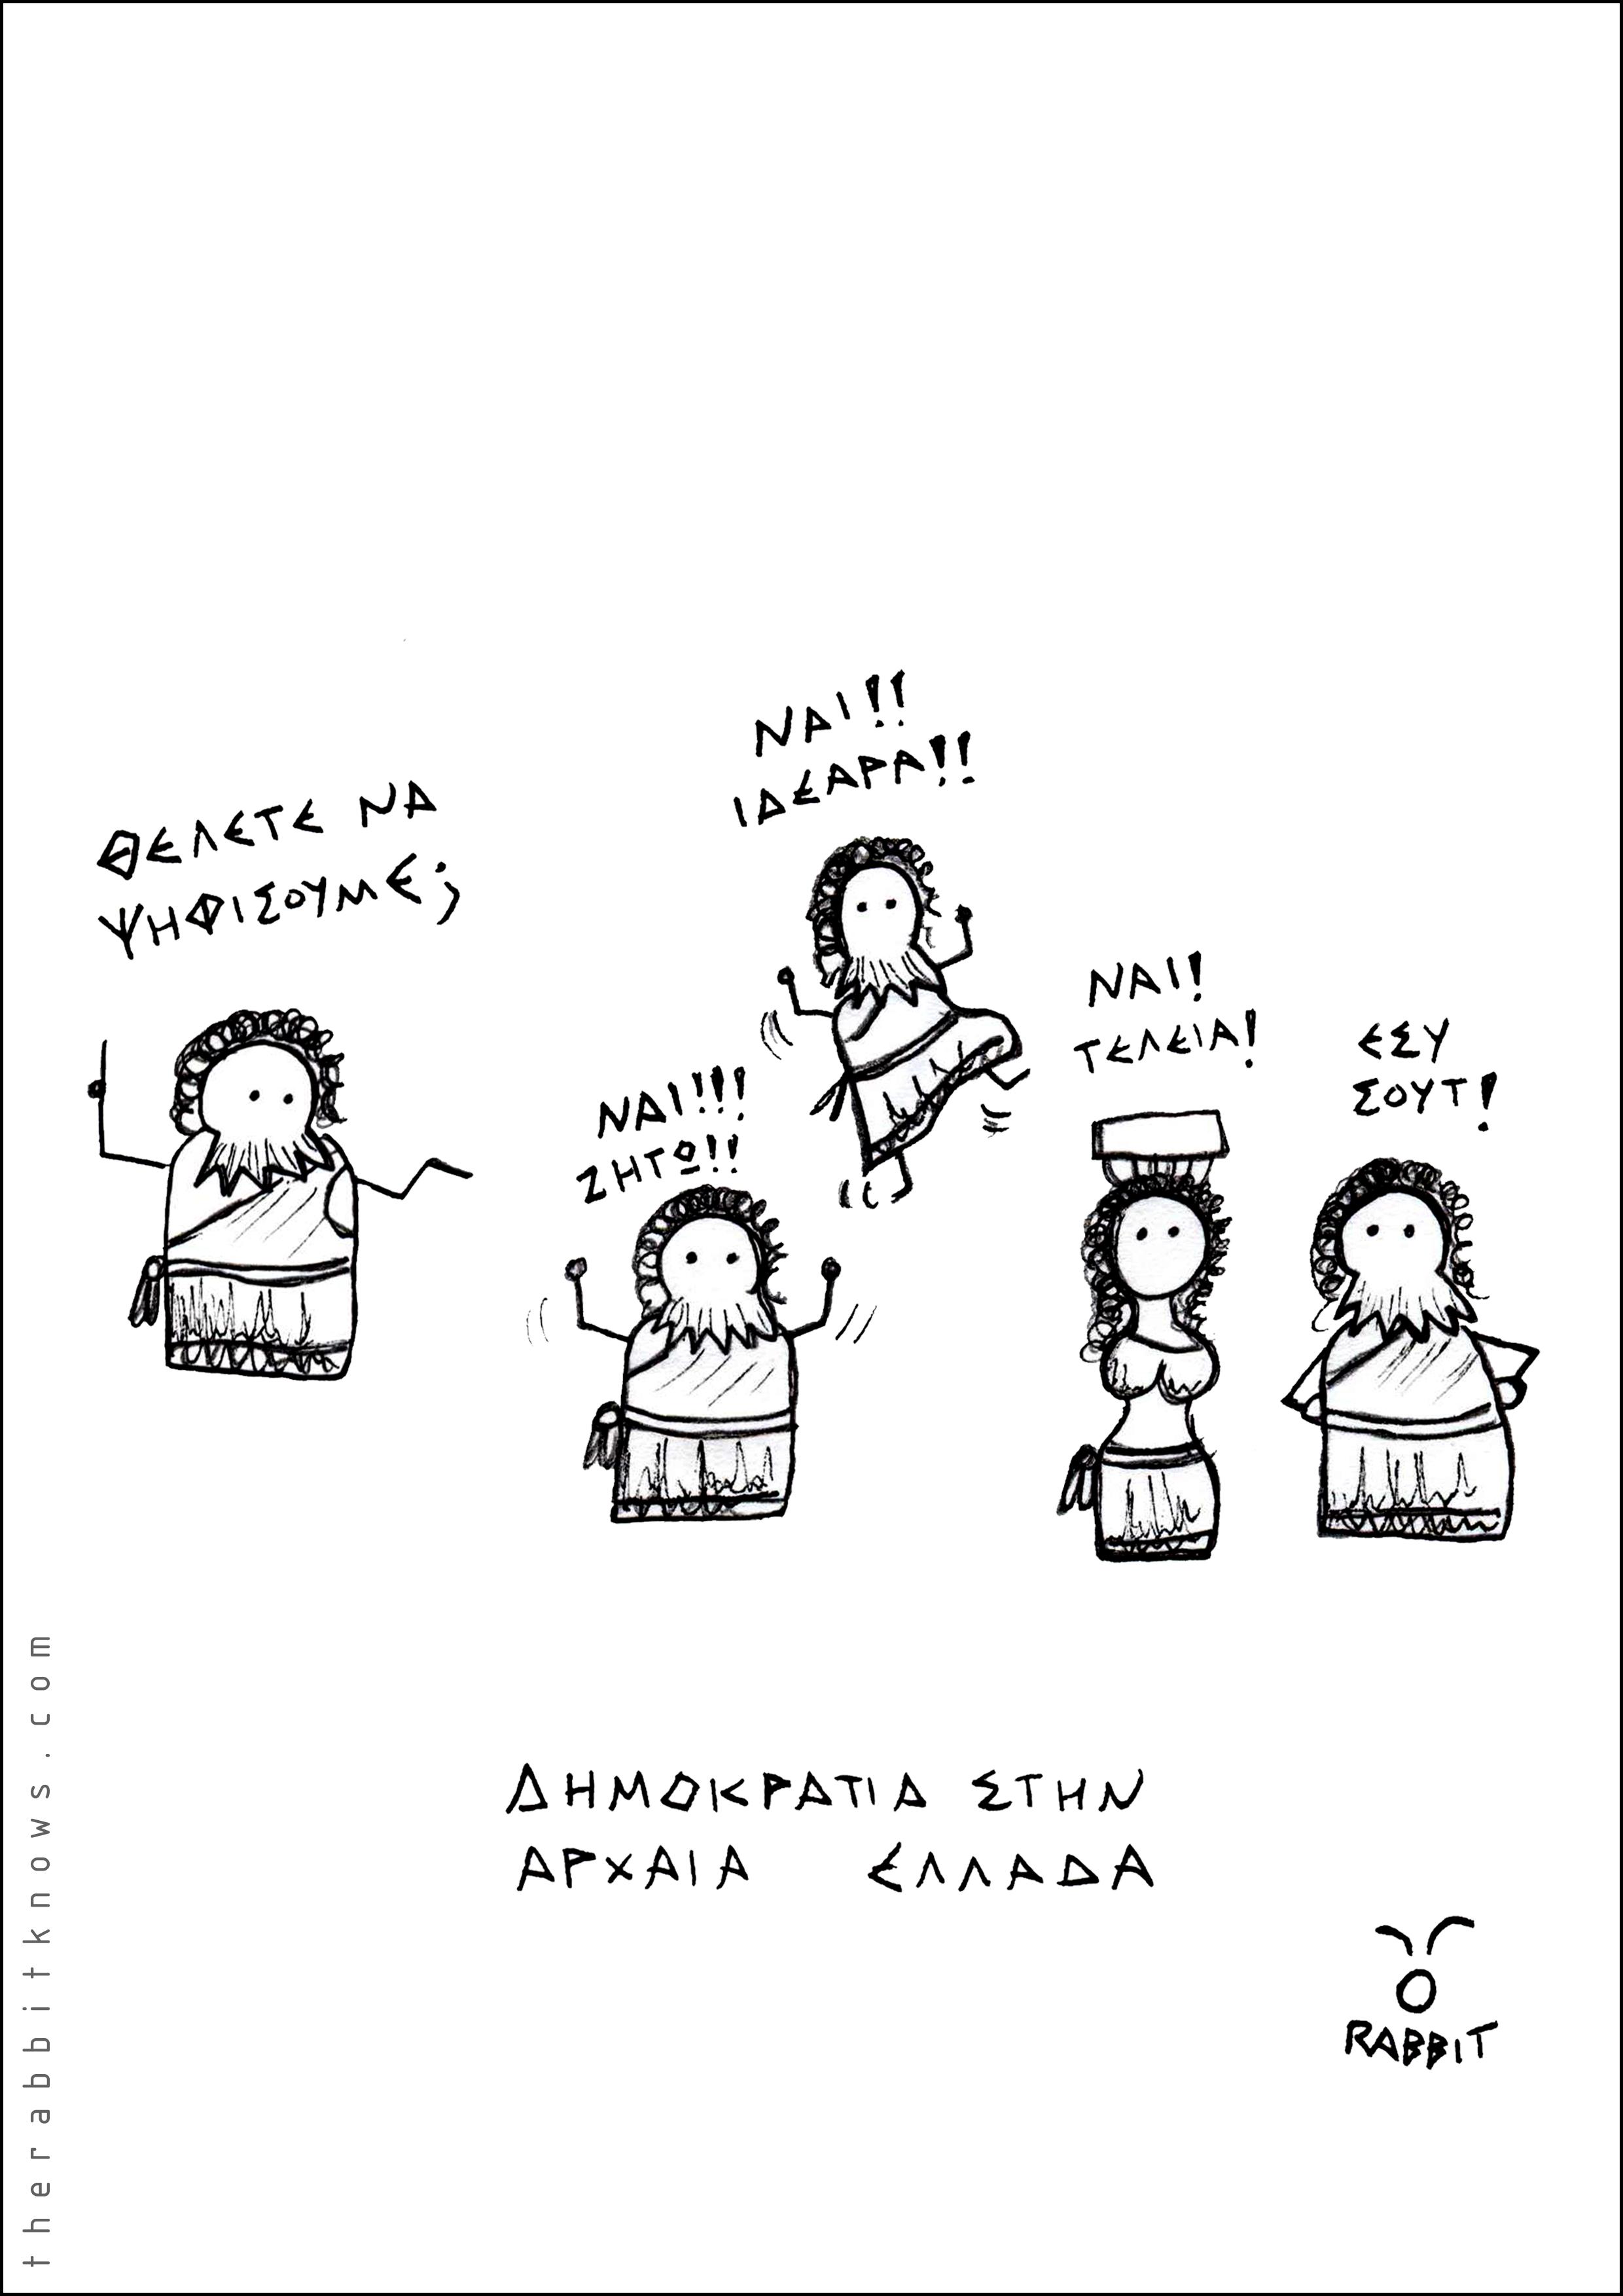 Δημοκρατία στην Αρχαία Ελλάδα